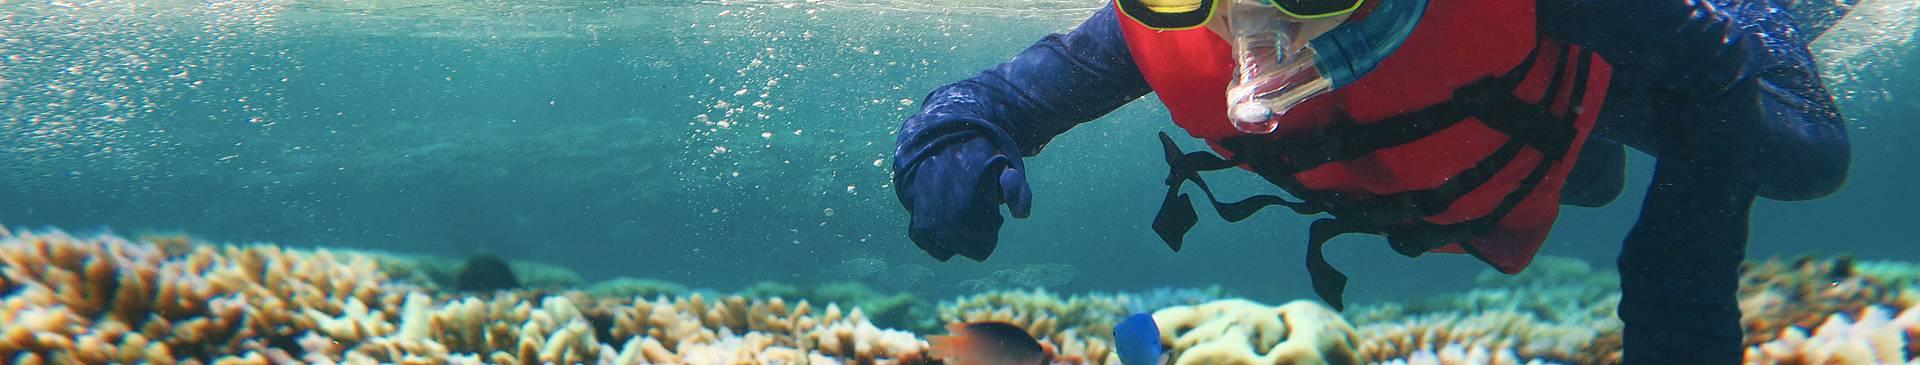 Plongée & Snorkeling en Australie